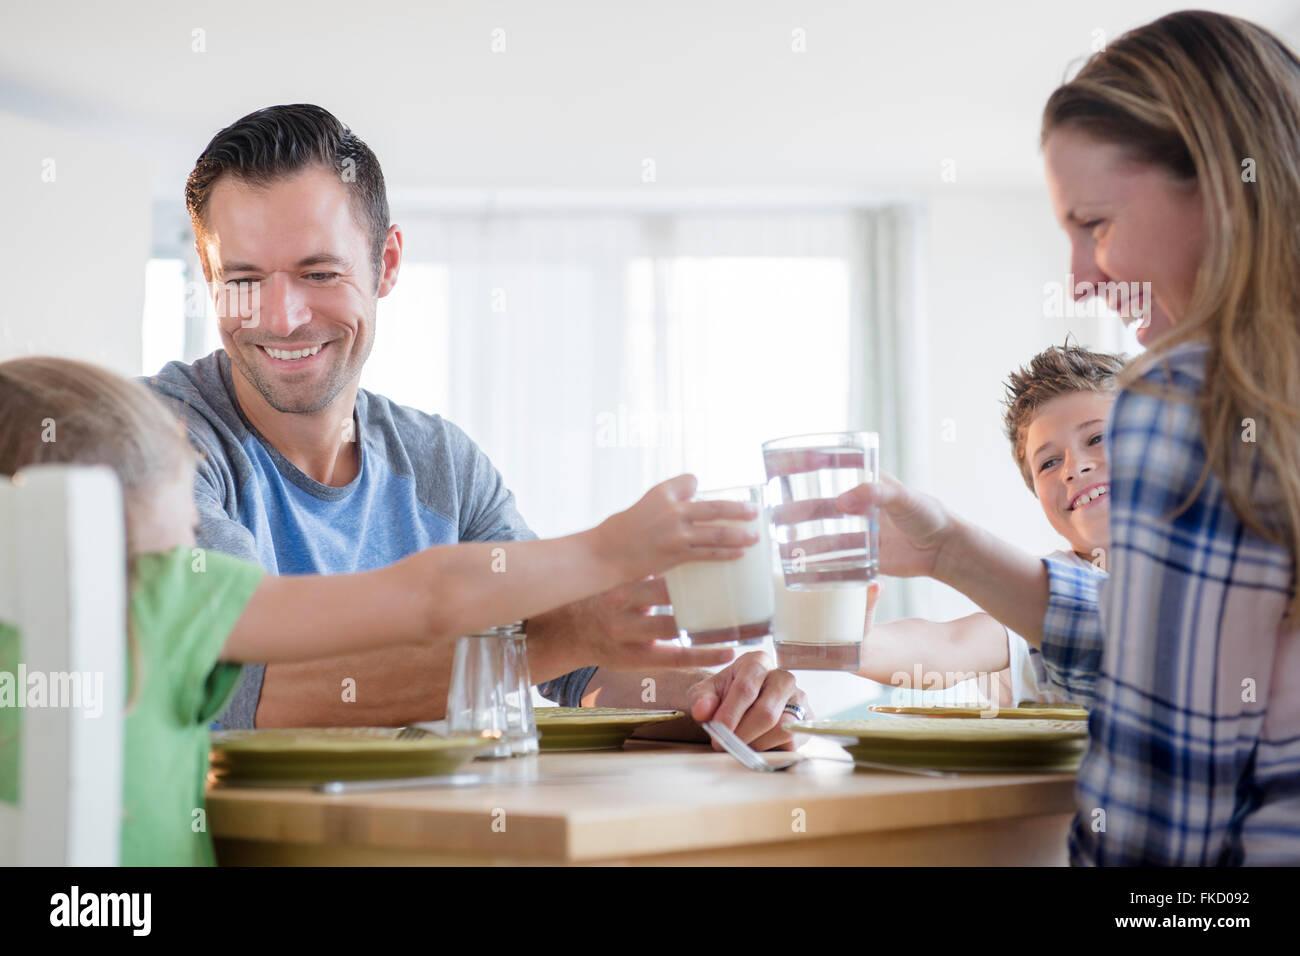 Familia con dos niños (6-7, 8-9) hacer un brindis Imagen De Stock